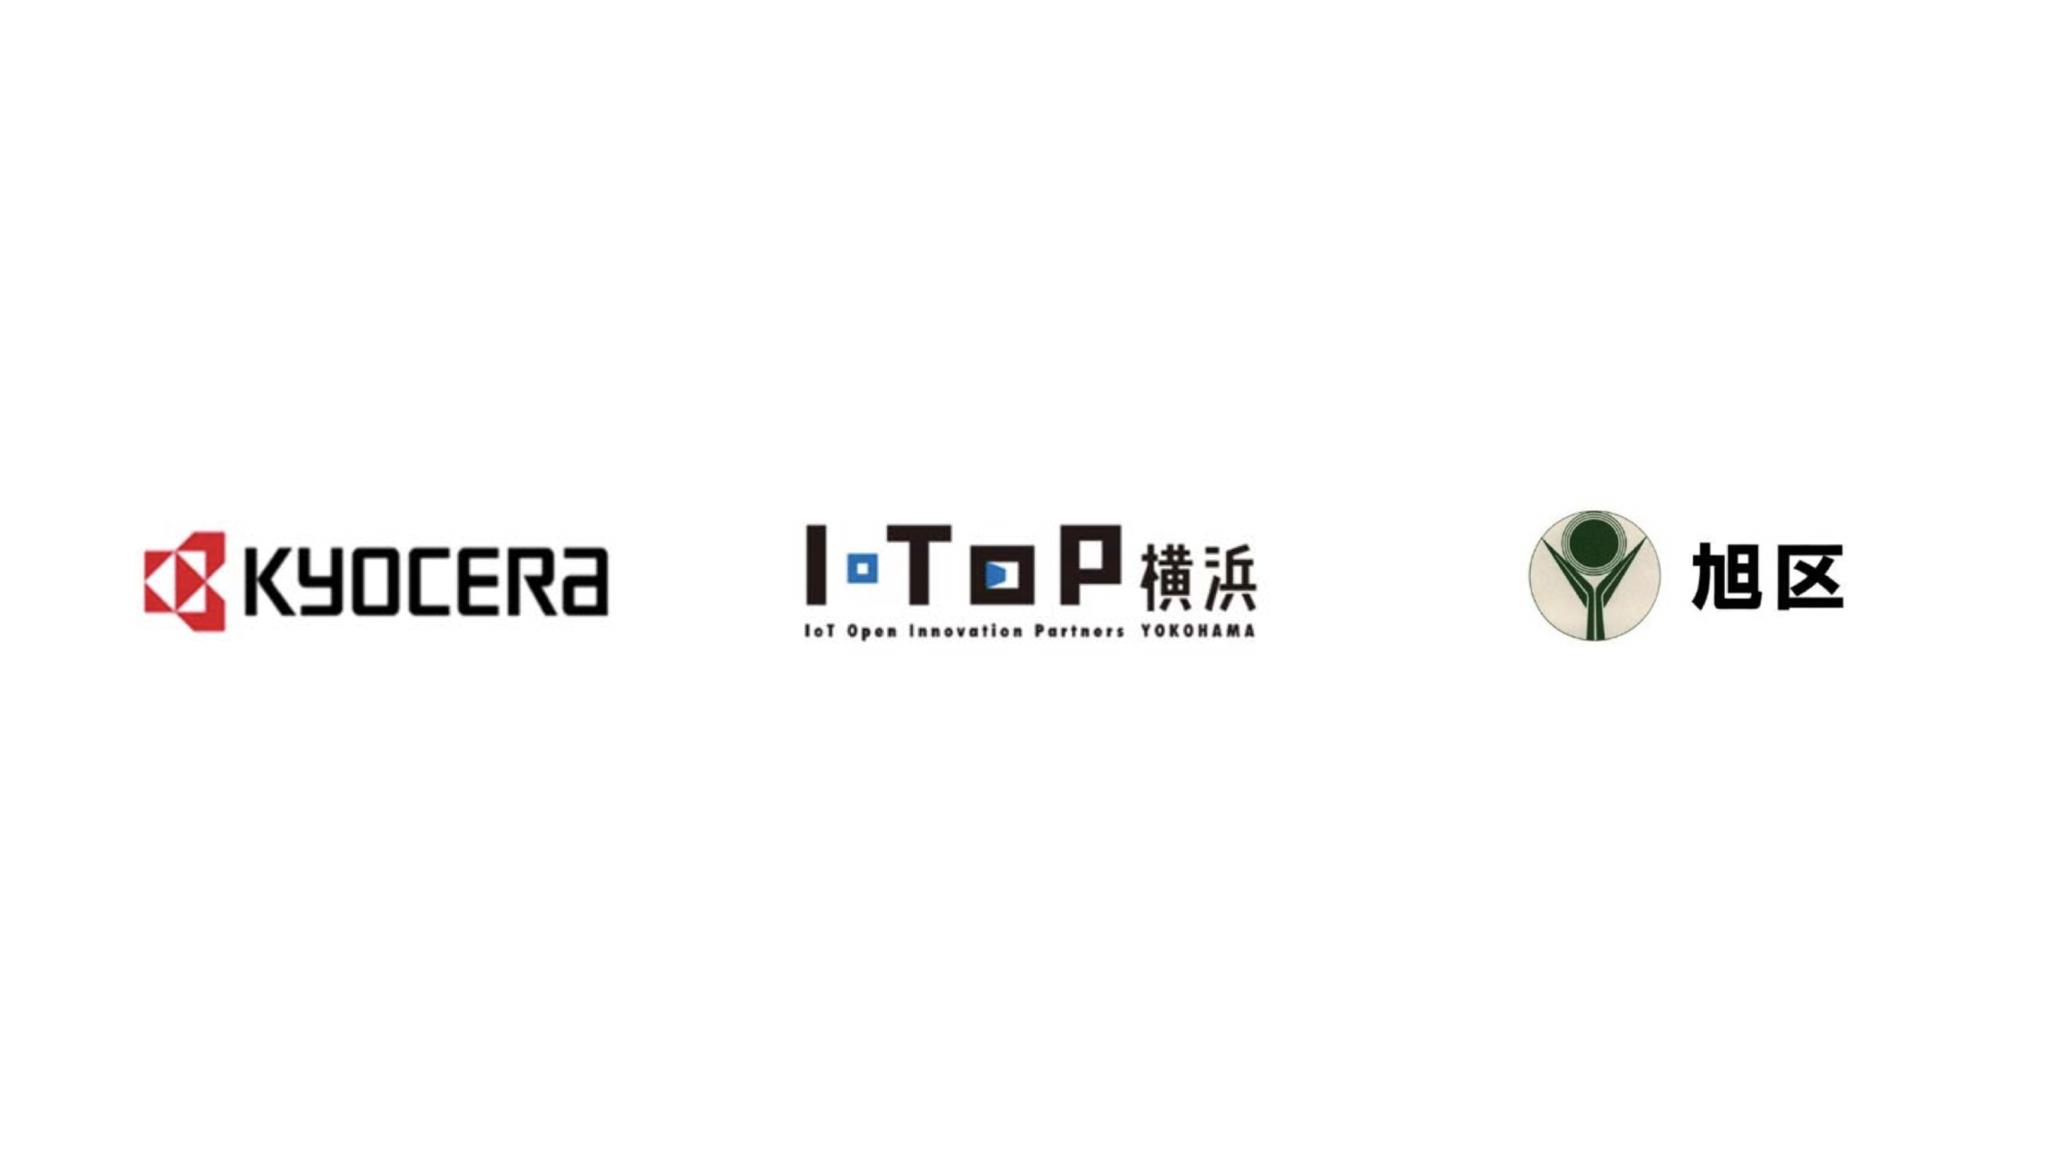 横浜市×京セラ | I・TOP横浜「宅配ボックスIoT化 再配達解消プロジェクト」始動